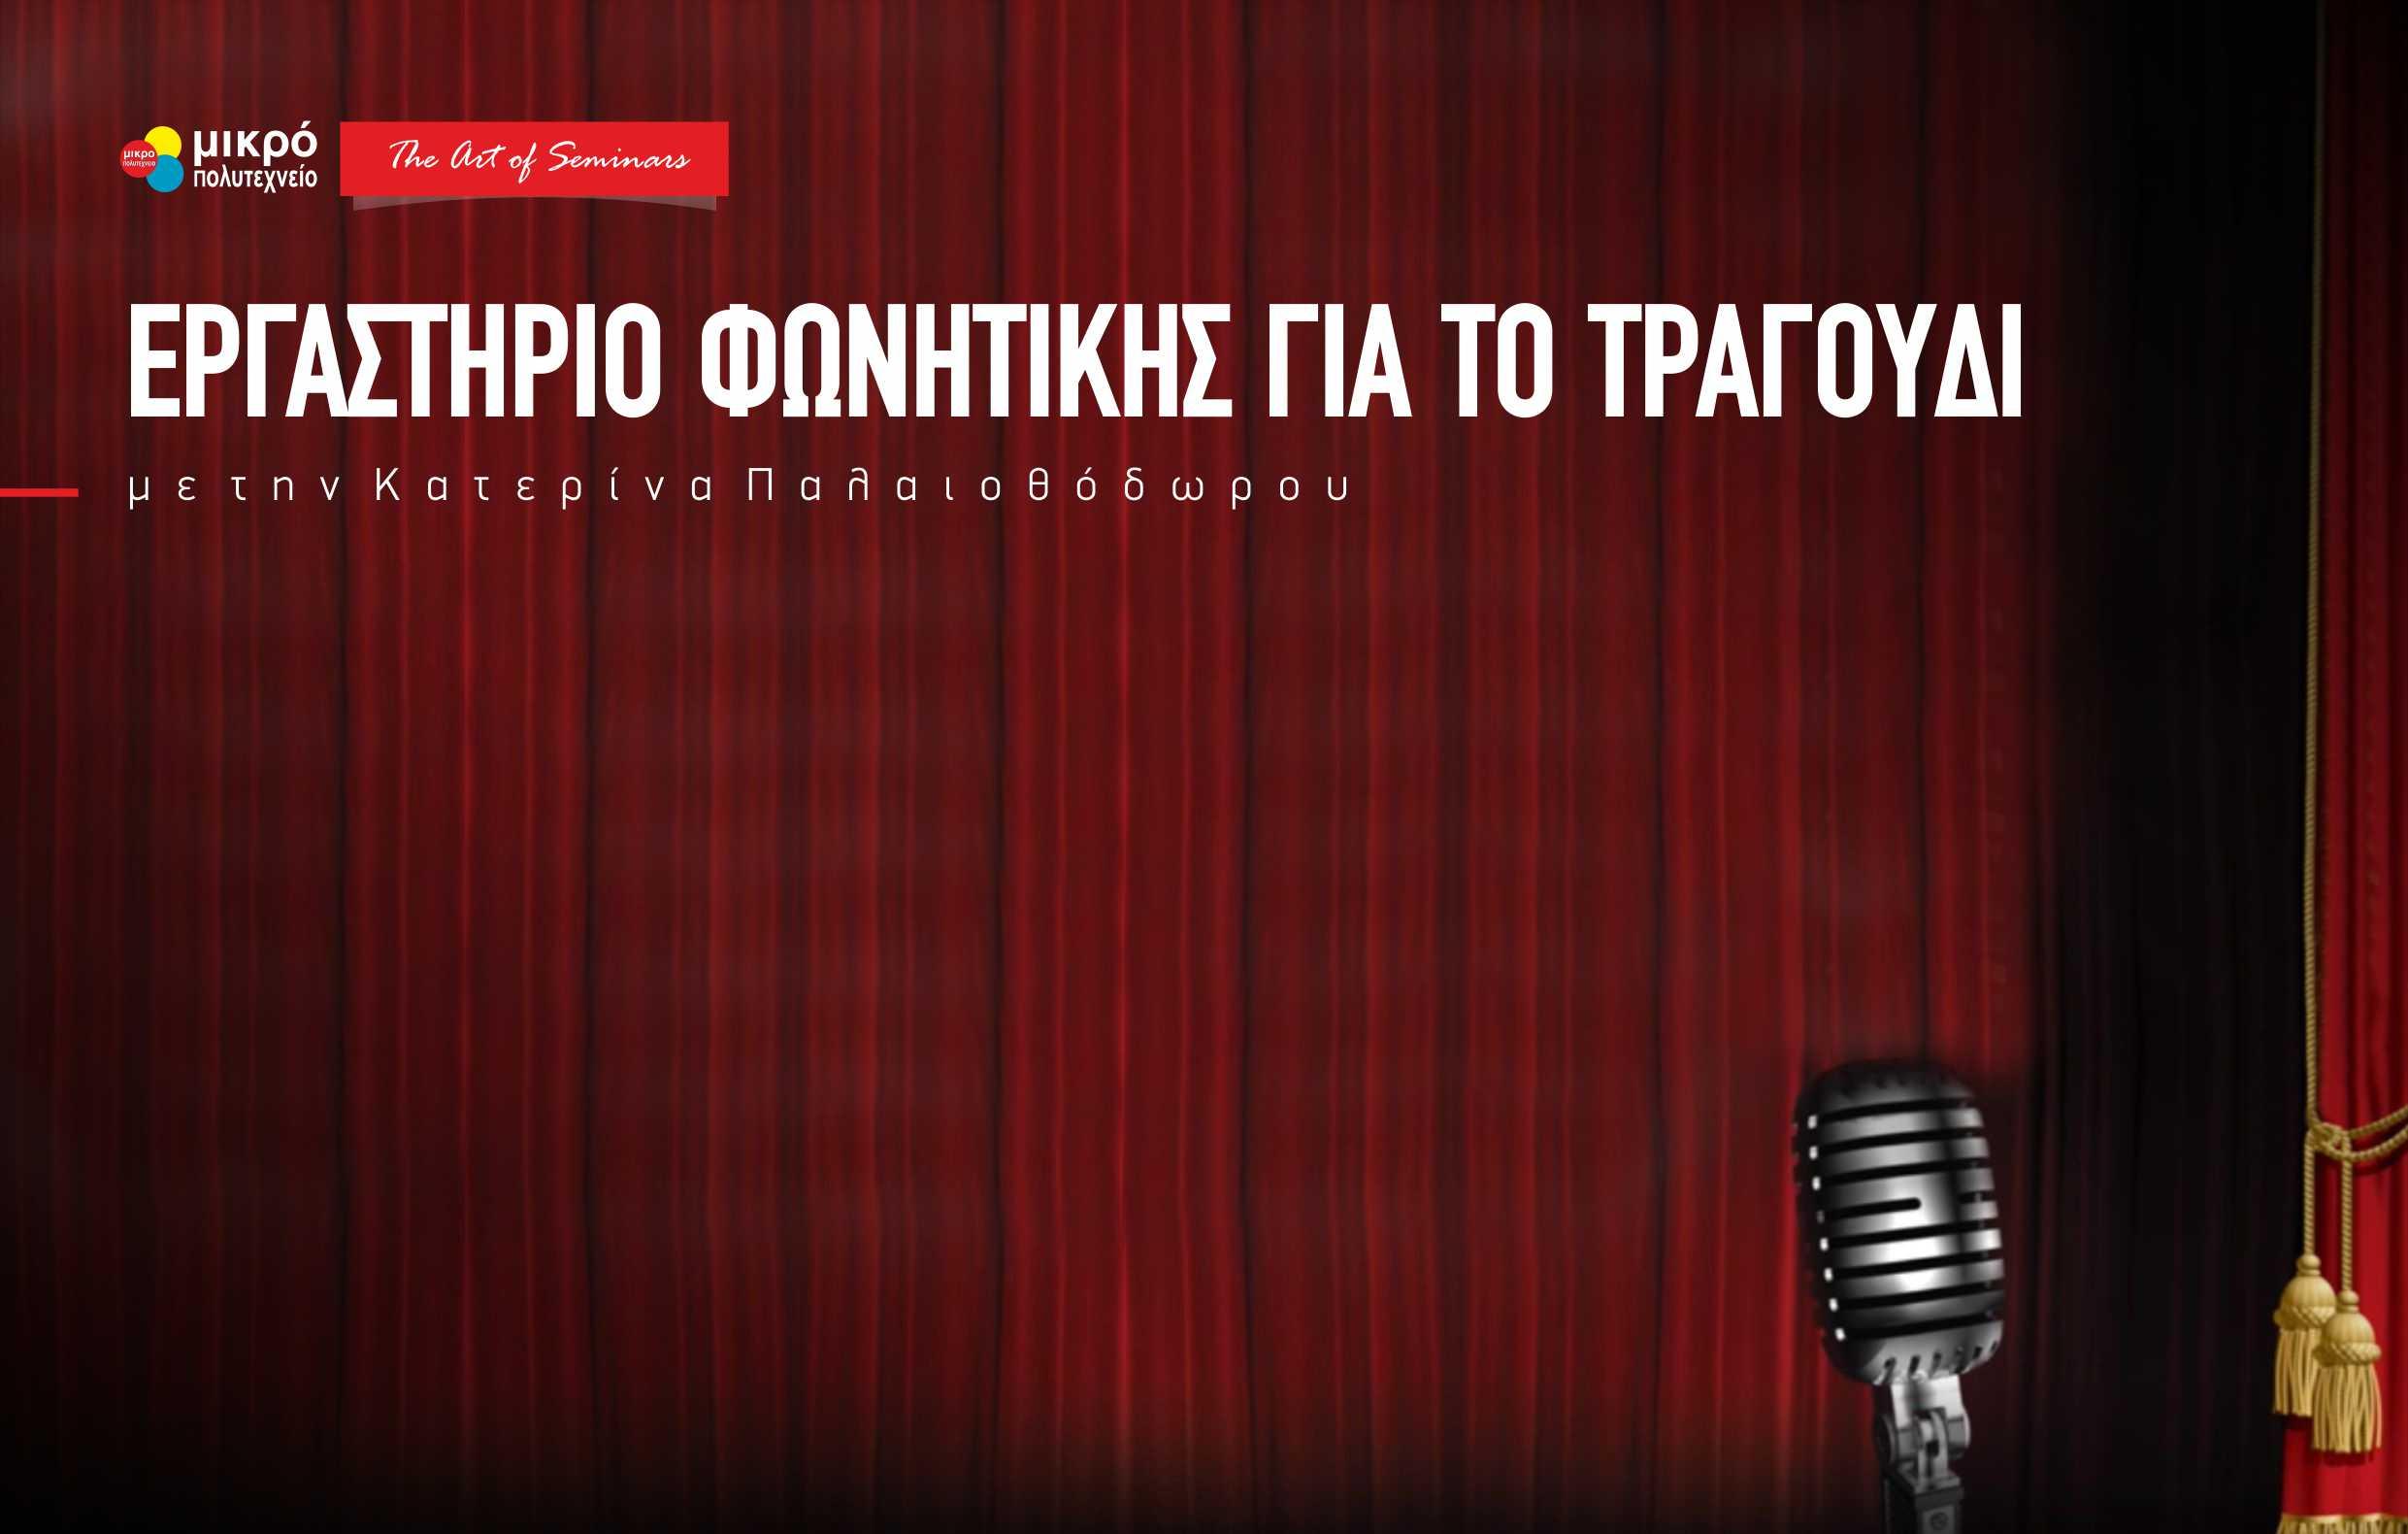 Μικρό Πολυτεχνείο Η Φωνητική για το Τραγούδι 339b9136e3b